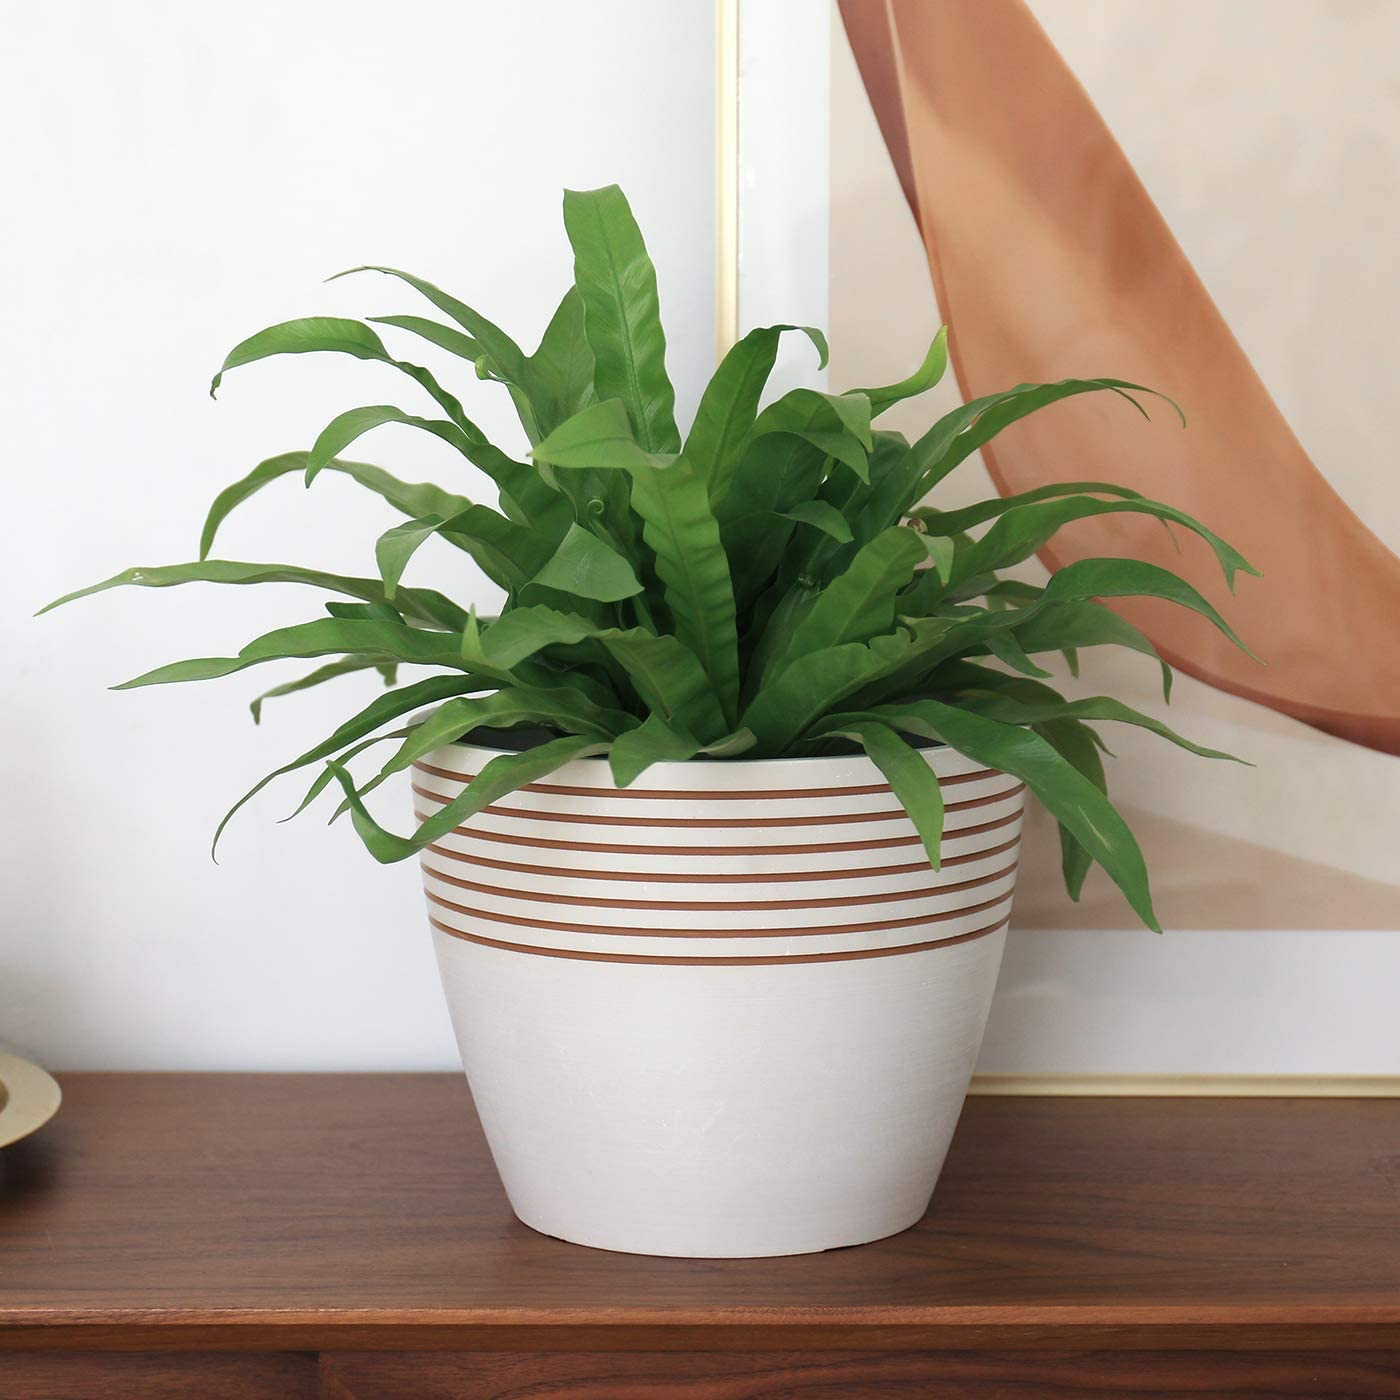 Bianco /& Grigio ardesia fioriera elegante in stile moderno con motivo a strisce 24cm Vaso per piante da interno ed esterno LA JOLIE MUSE Vaso per fiori e piante da interno